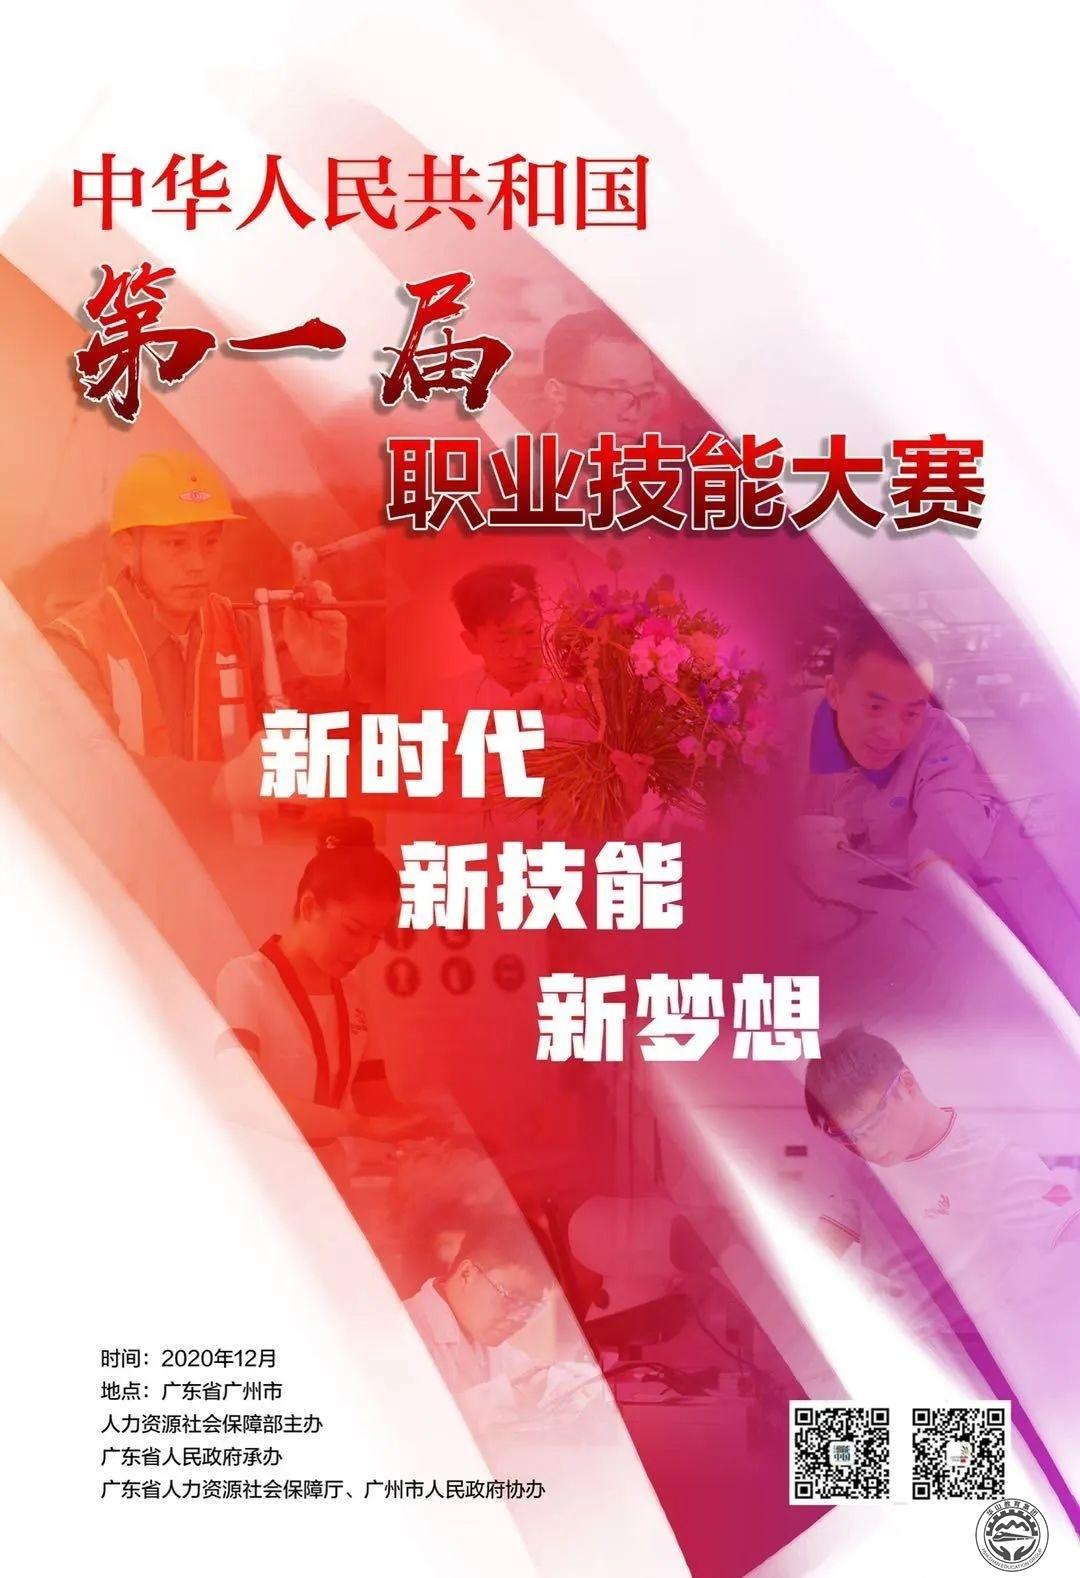 中华人民共和国第一届职业技能大赛将在广东举行